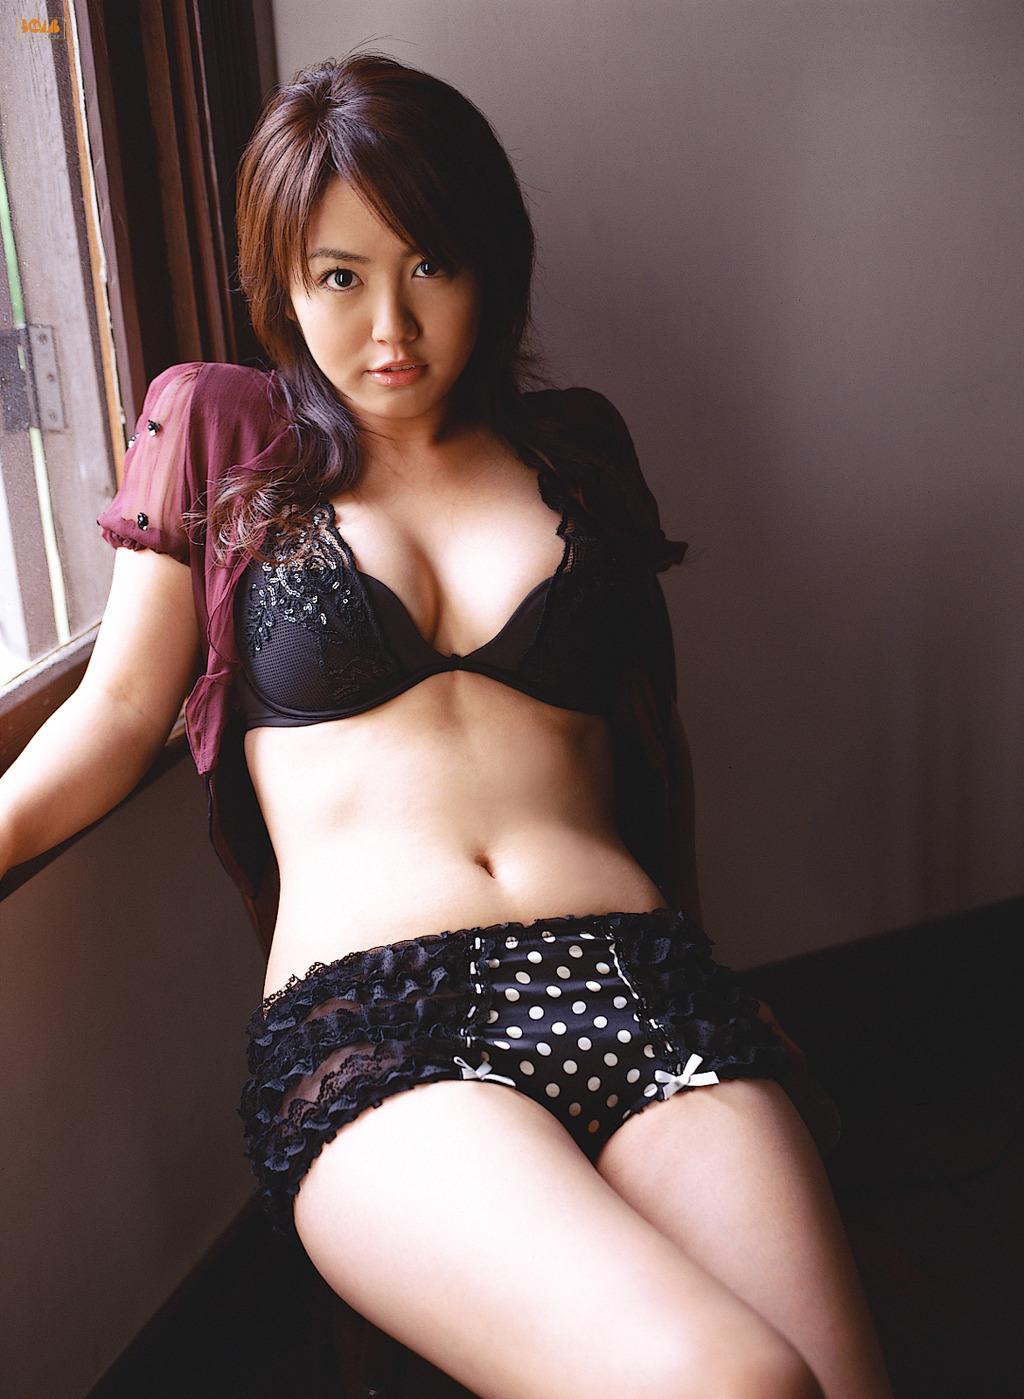 sayaka isoyama nude  [Bomb.tv] 2006.09 Sayaka Isoyama - part2